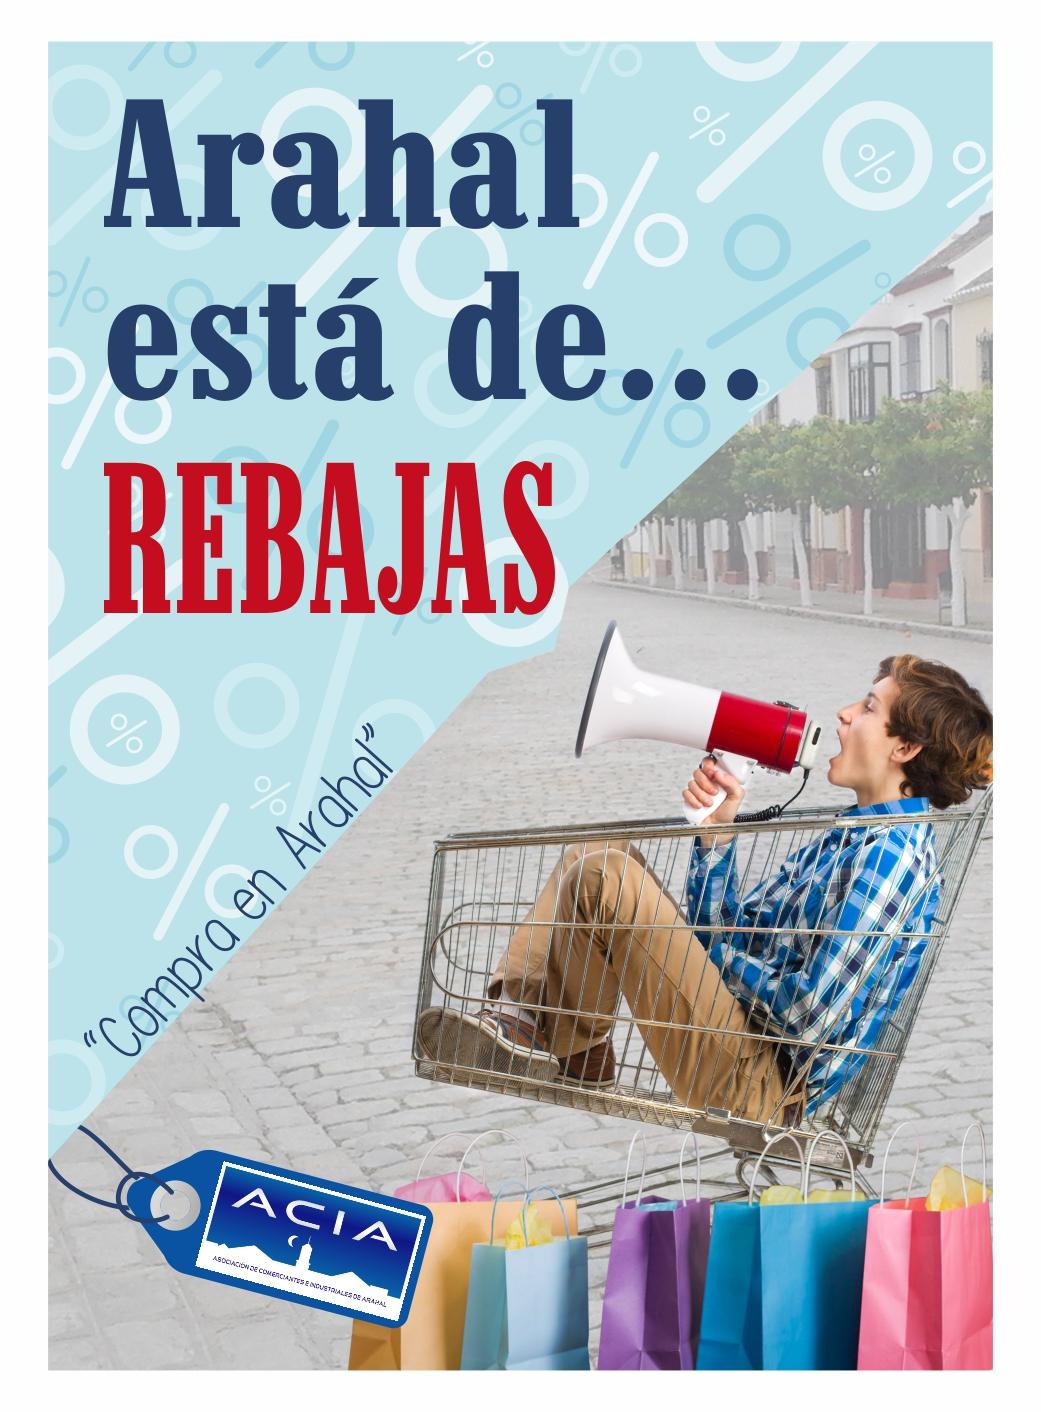 ARAHAL ESTÁ DE REBAJAS